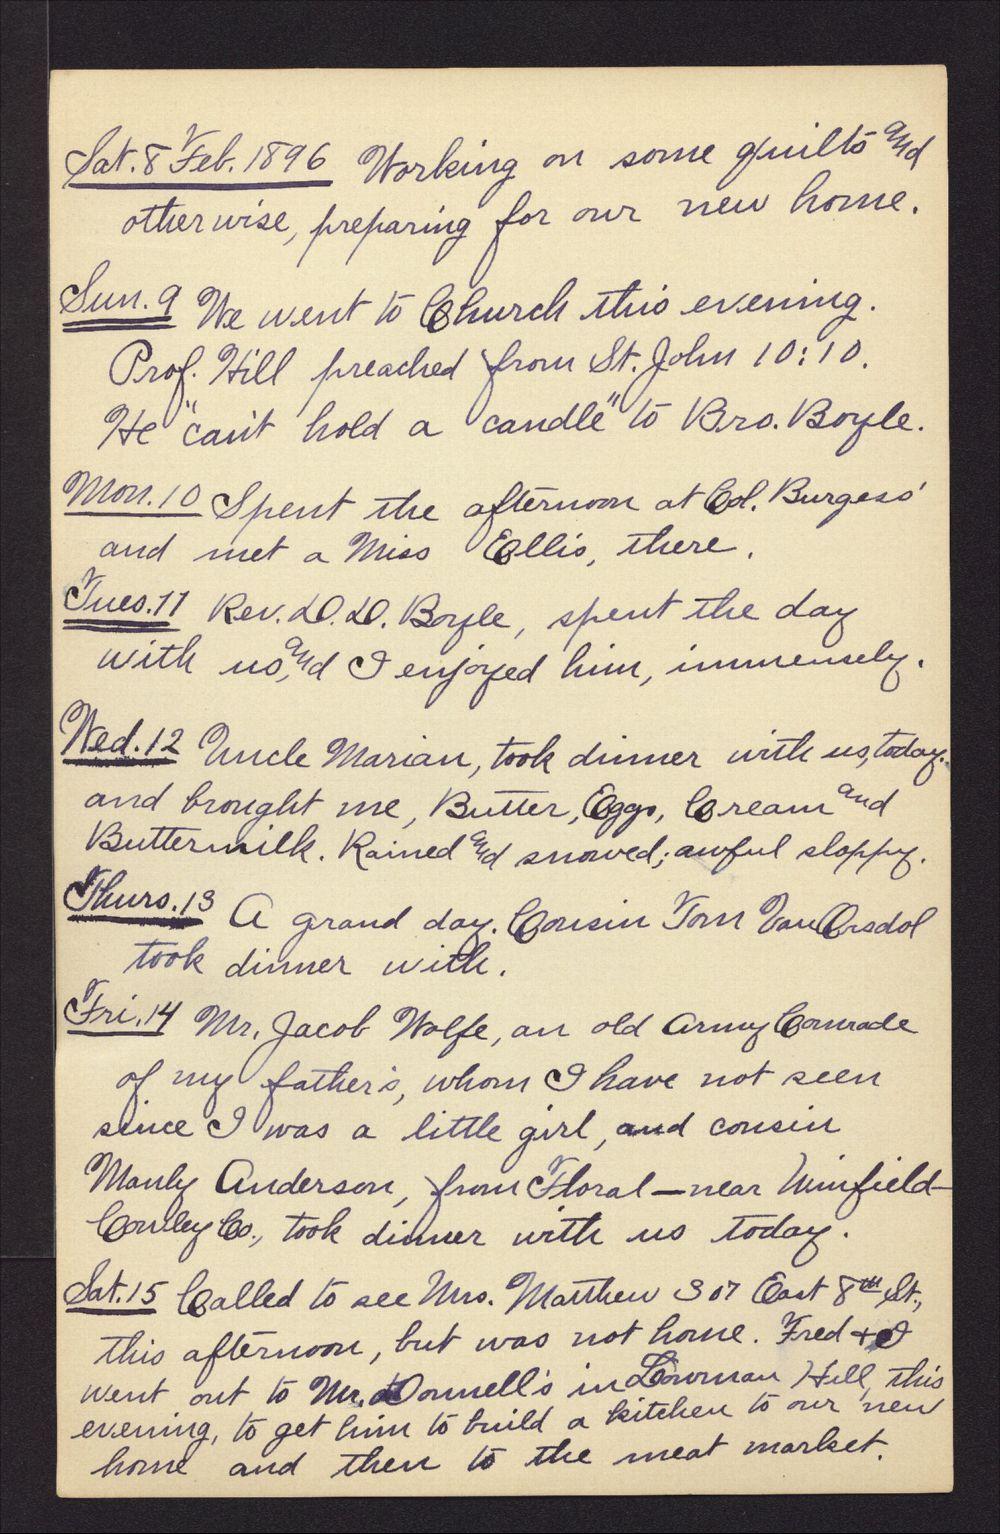 Martha Farnsworth diary - Feb 8, 1896